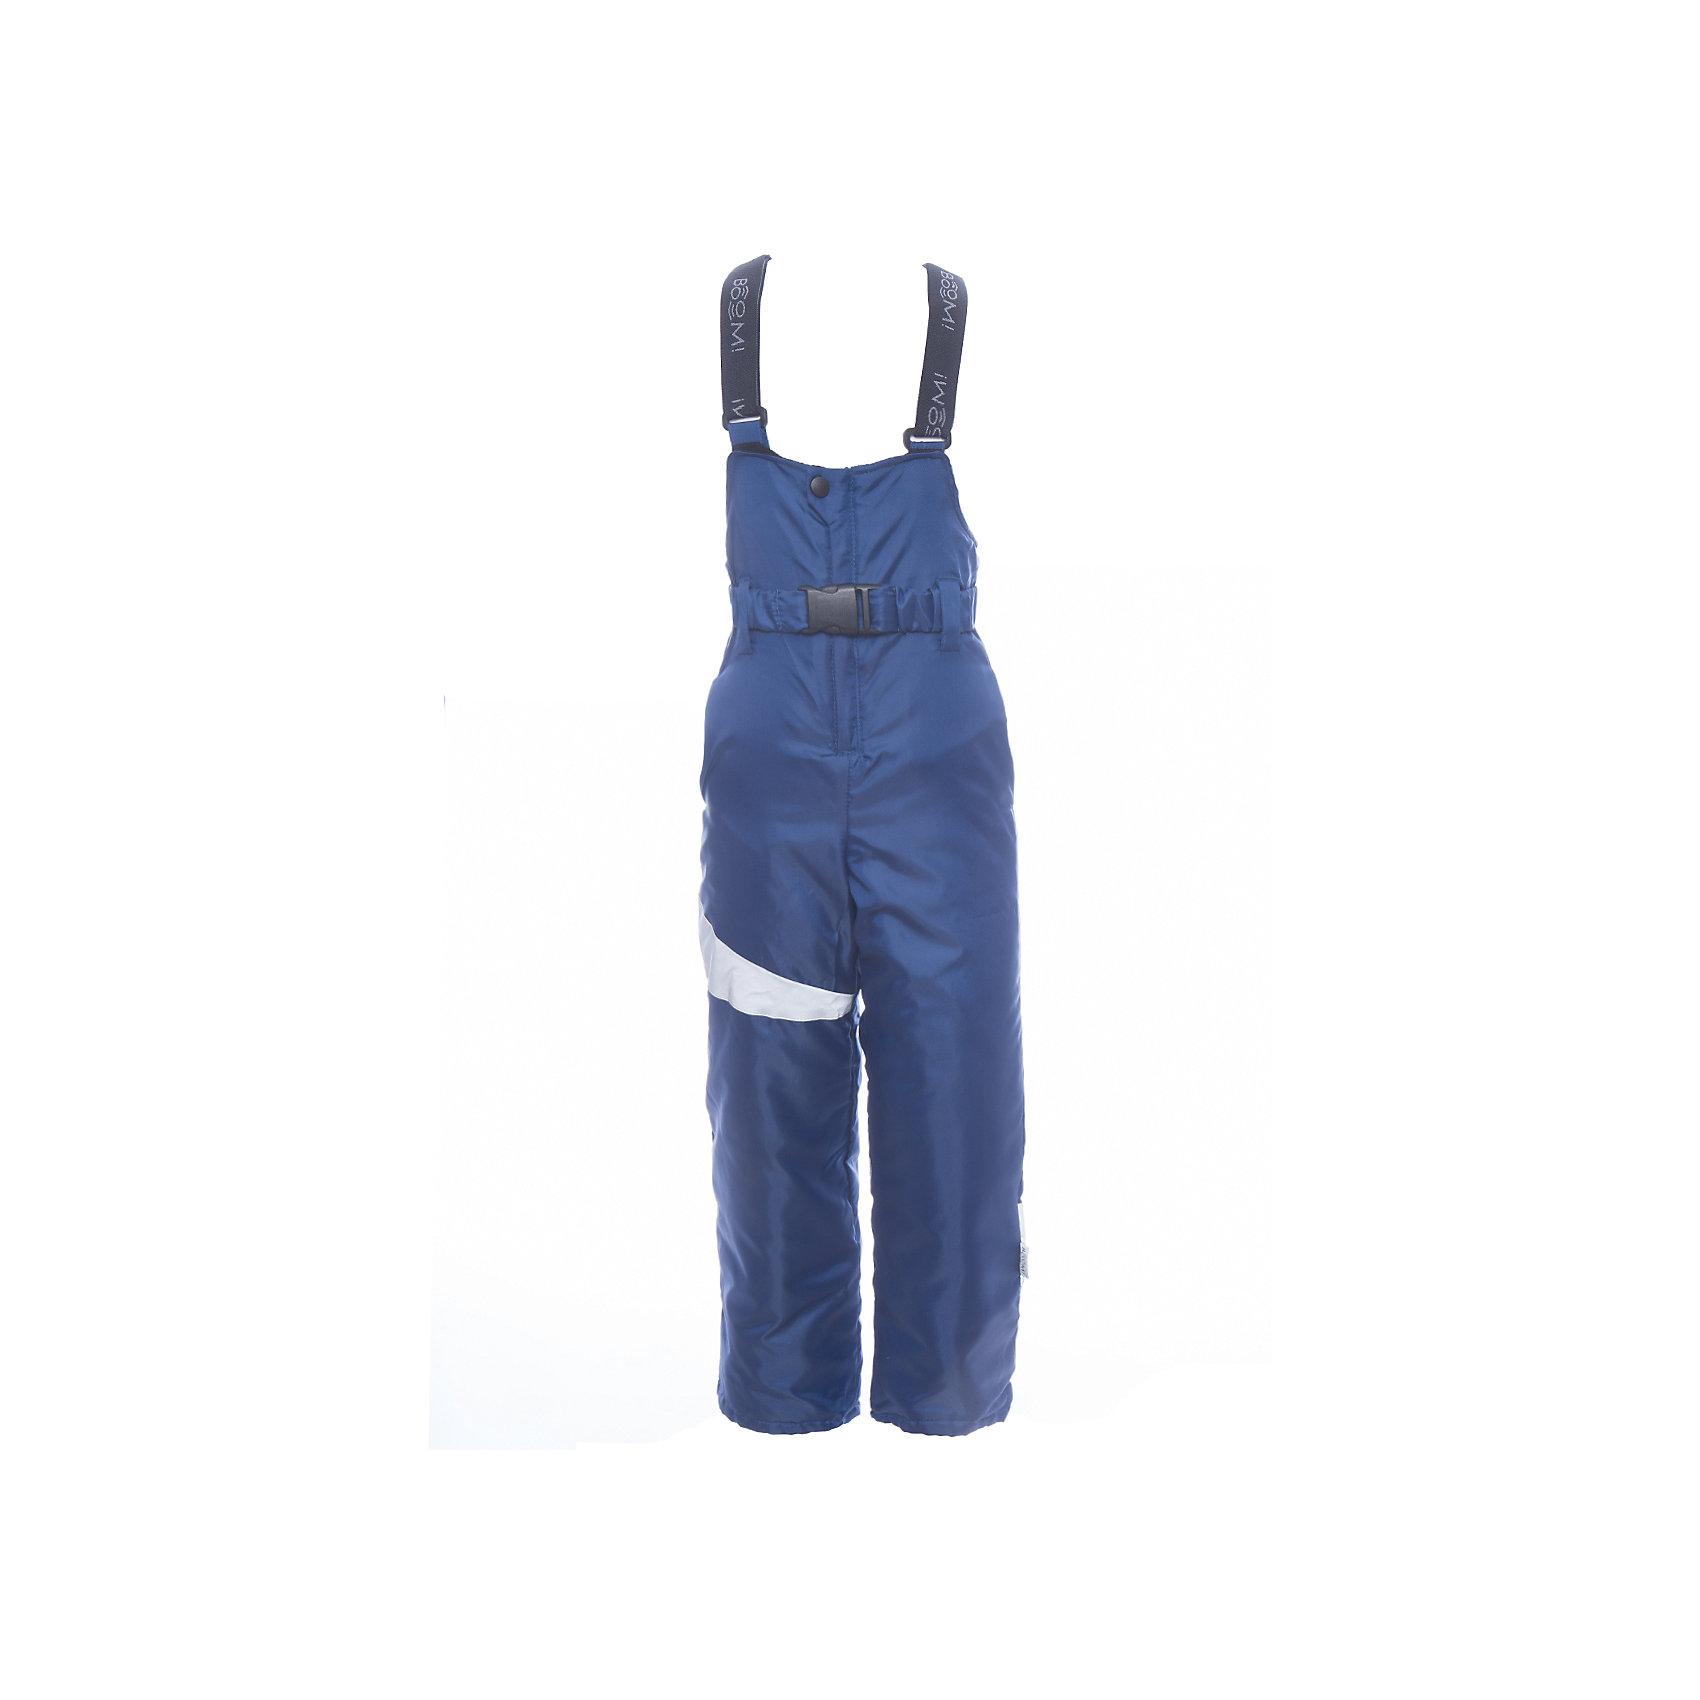 Полукомбинезон BOOM by Orby для мальчикаВерхняя одежда<br>Характеристики товара:<br><br>• цвет: синий<br>• состав ткани: оксфорд pu milky<br>• подкладка: полиэстер пуходержащий<br>• утеплитель: эко синтепон<br>• сезон: зима<br>• температурный режим: от 0 до -30С<br>• плотность утеплителя: 400 г/м2<br>• застежка: молния<br>• страна бренда: Россия<br>• страна изготовитель: Россия<br><br>Синий полукомбинезон для мальчика поможет обеспечить тепло и комфорт. Зимний полукомбинезон легко надевается и снимается. Такой детской полукомбинезон отлично подойдет для зимних холодов - подкладка и наполнитель для зимнего полукомбинезона рассчитаны на морозную погоду. <br><br>Полукомбинезон для мальчика BOOM by Orby (Бум бай Орби) можно купить в нашем интернет-магазине.<br><br>Ширина мм: 215<br>Глубина мм: 88<br>Высота мм: 191<br>Вес г: 336<br>Цвет: синий<br>Возраст от месяцев: 72<br>Возраст до месяцев: 84<br>Пол: Мужской<br>Возраст: Детский<br>Размер: 122,128,134,140,146,152,158,80,86,92,98,104,110,116<br>SKU: 7090939